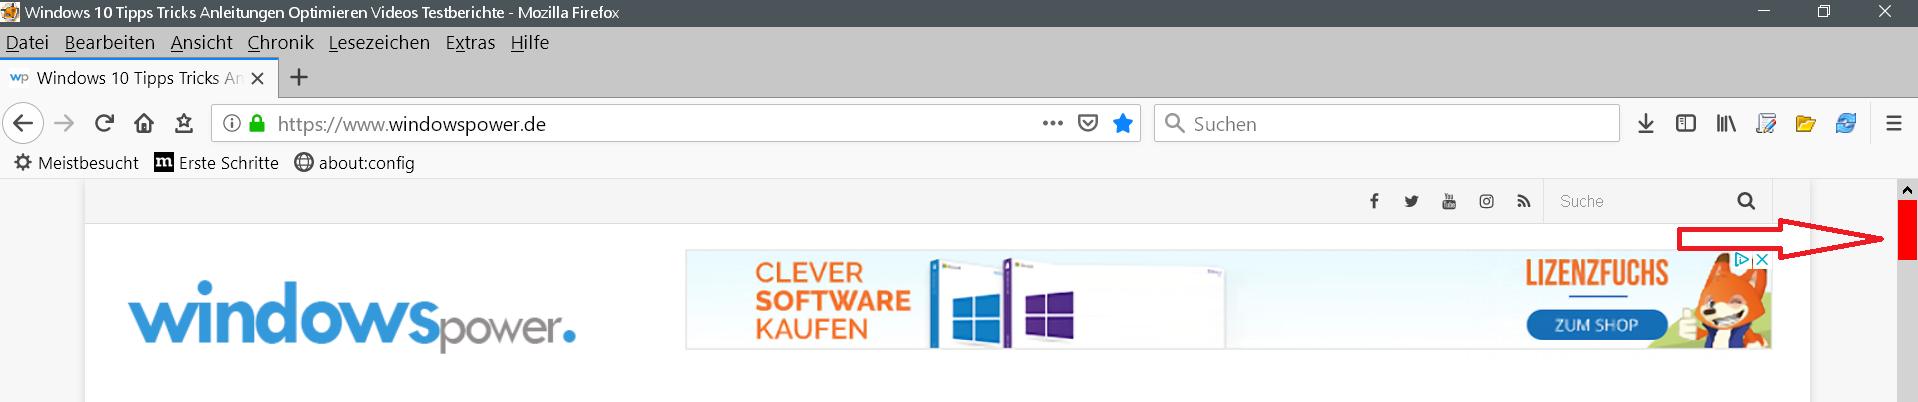 webseite - Scrollbar Farbe innerhalb vom Firefox ändern